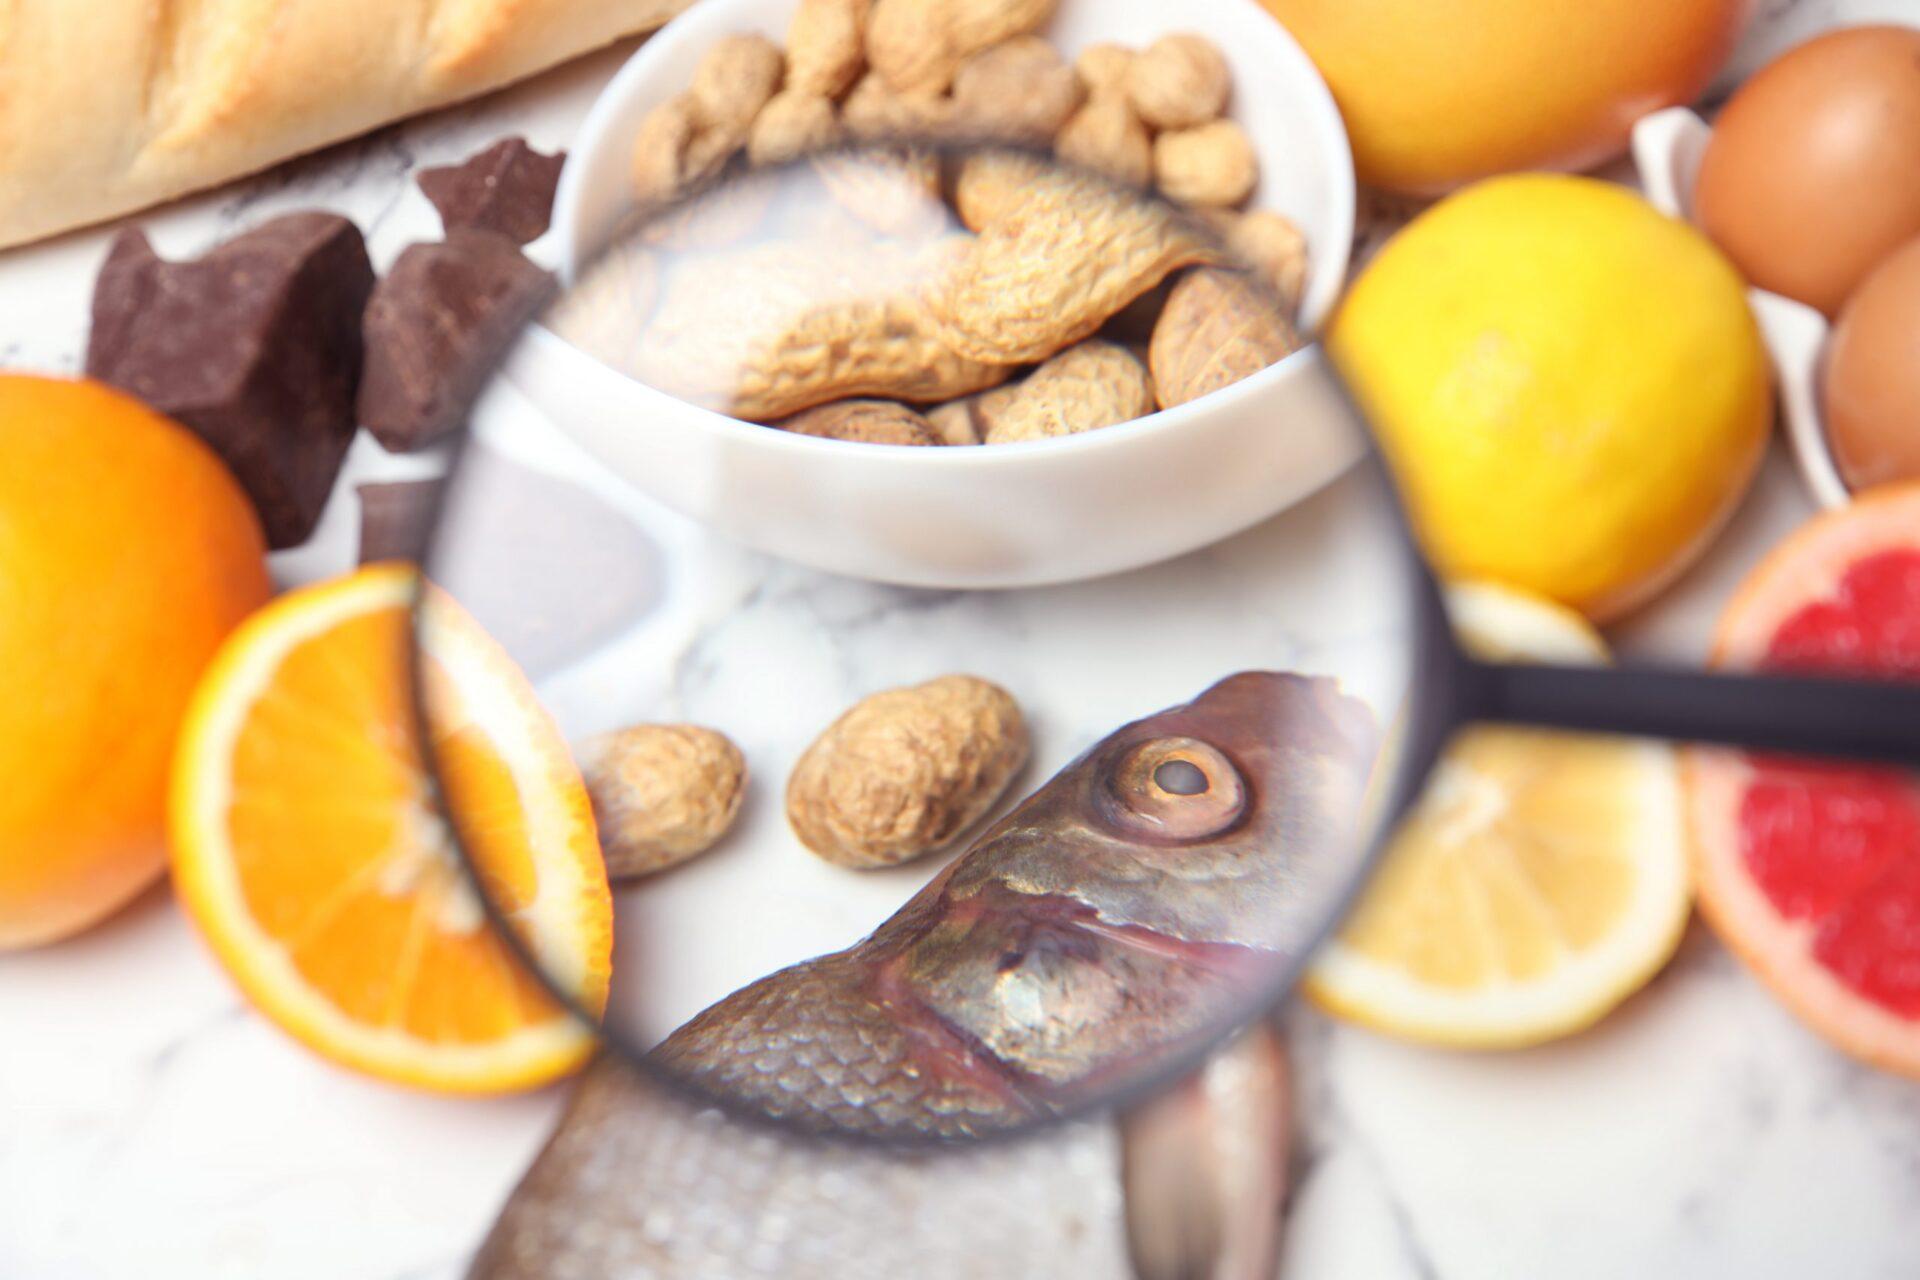 Efectele alergiei alimentare pot fi foarte grave, chiar mortale, atenționează medicii.